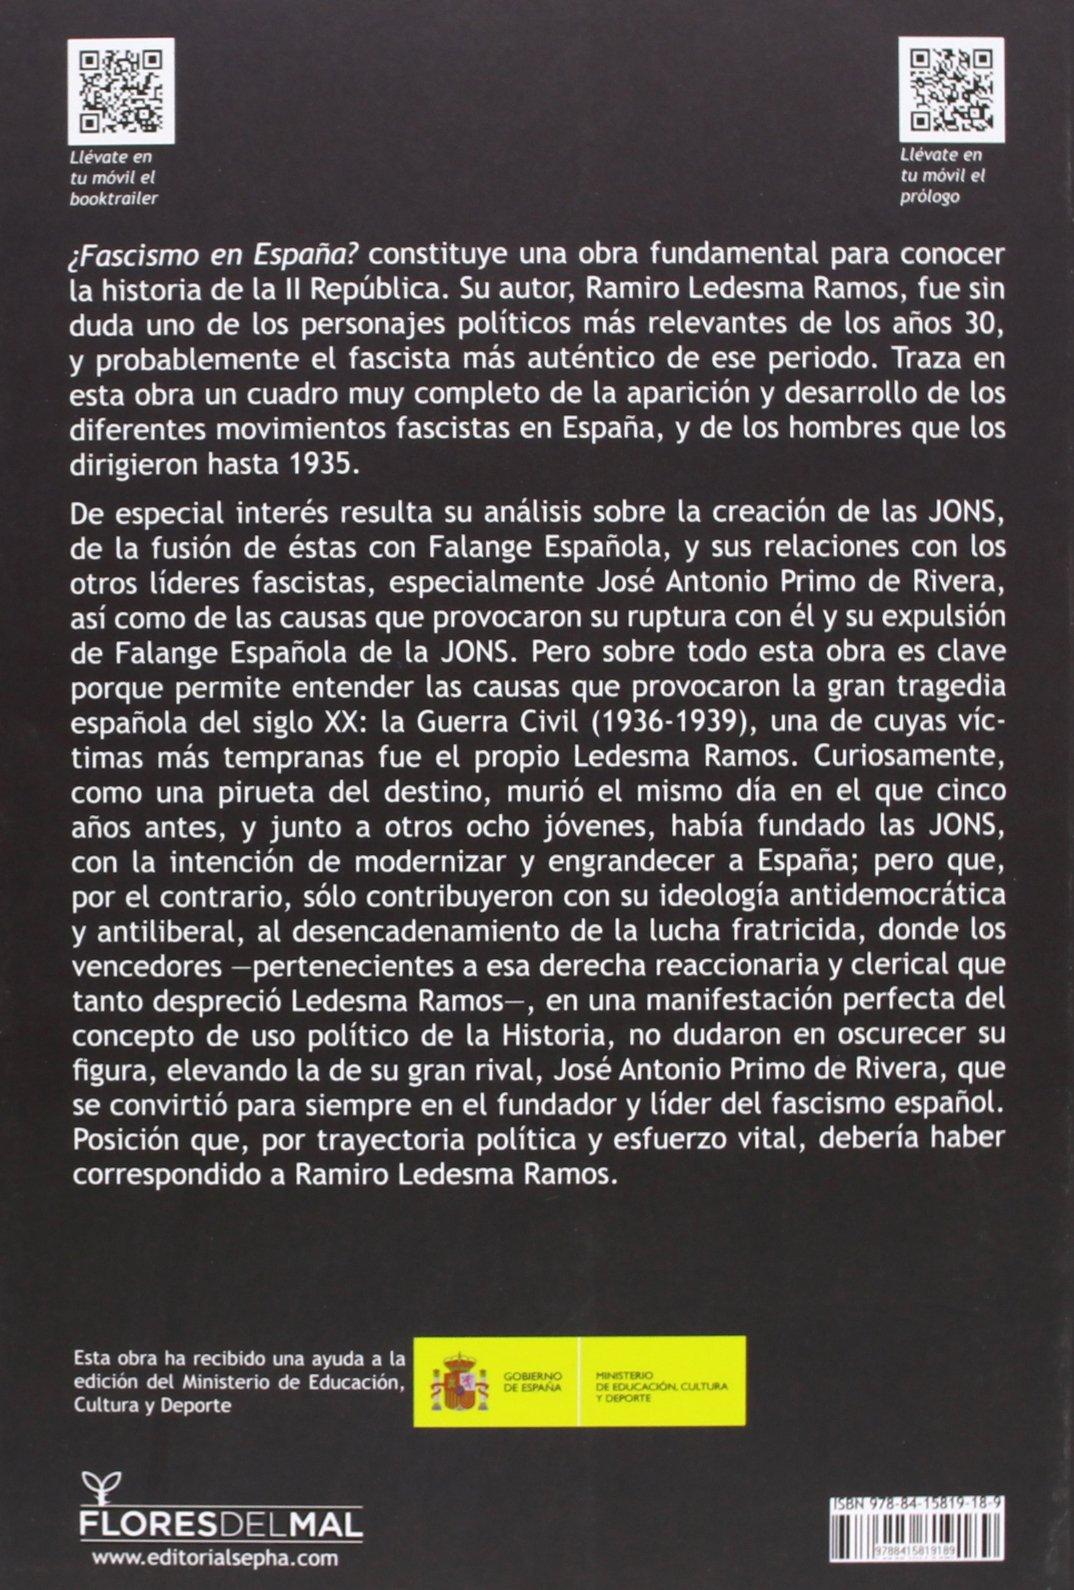 Fascismo en España? (Flores Del Mal): Amazon.es: Ledesma Ramos, Ramiro, Muñoz Bolaños, Roberto: Libros